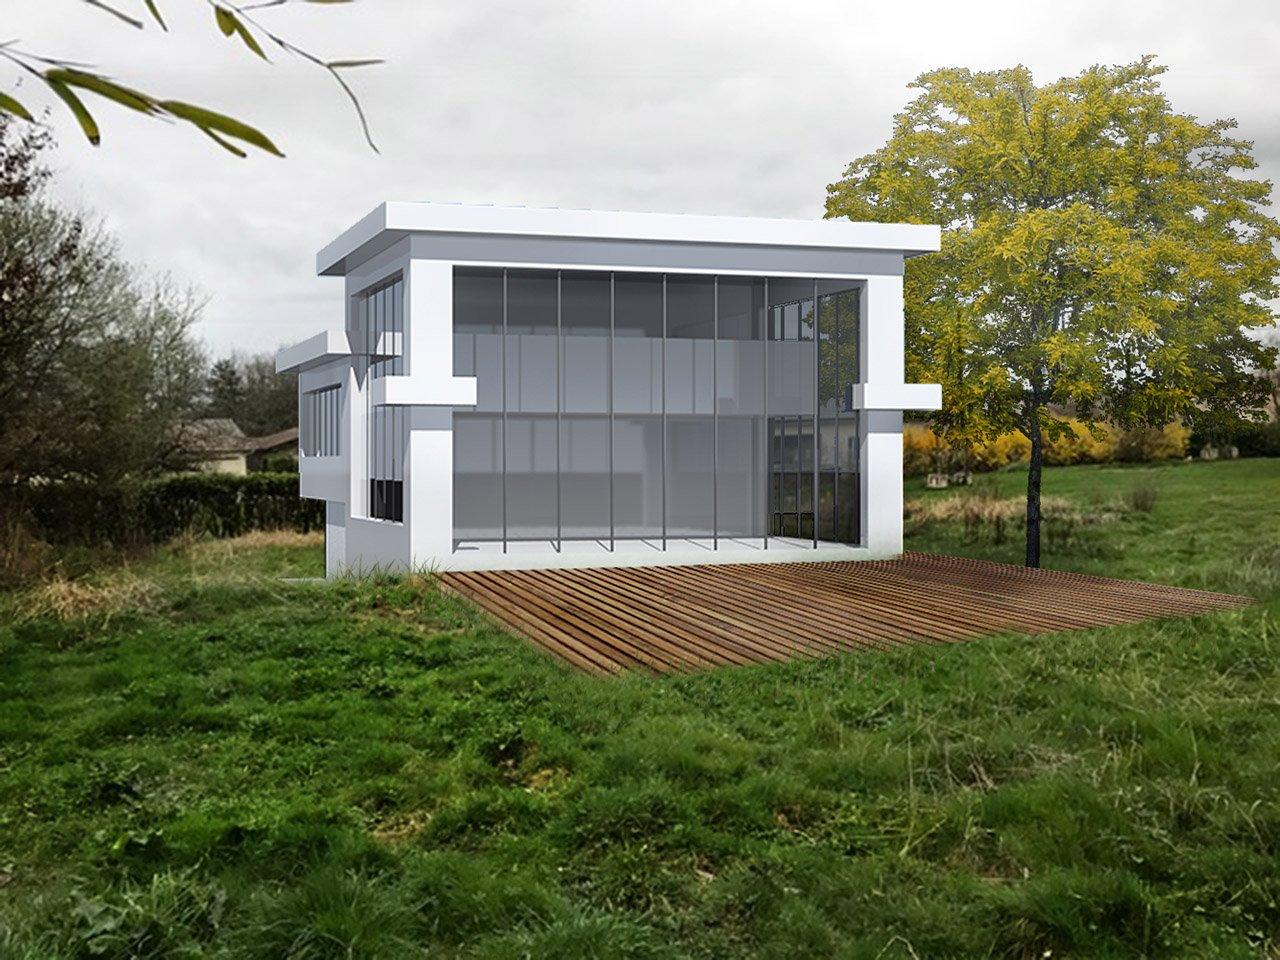 Maison habitable terrain forte pente région parisienne - Côté arrière